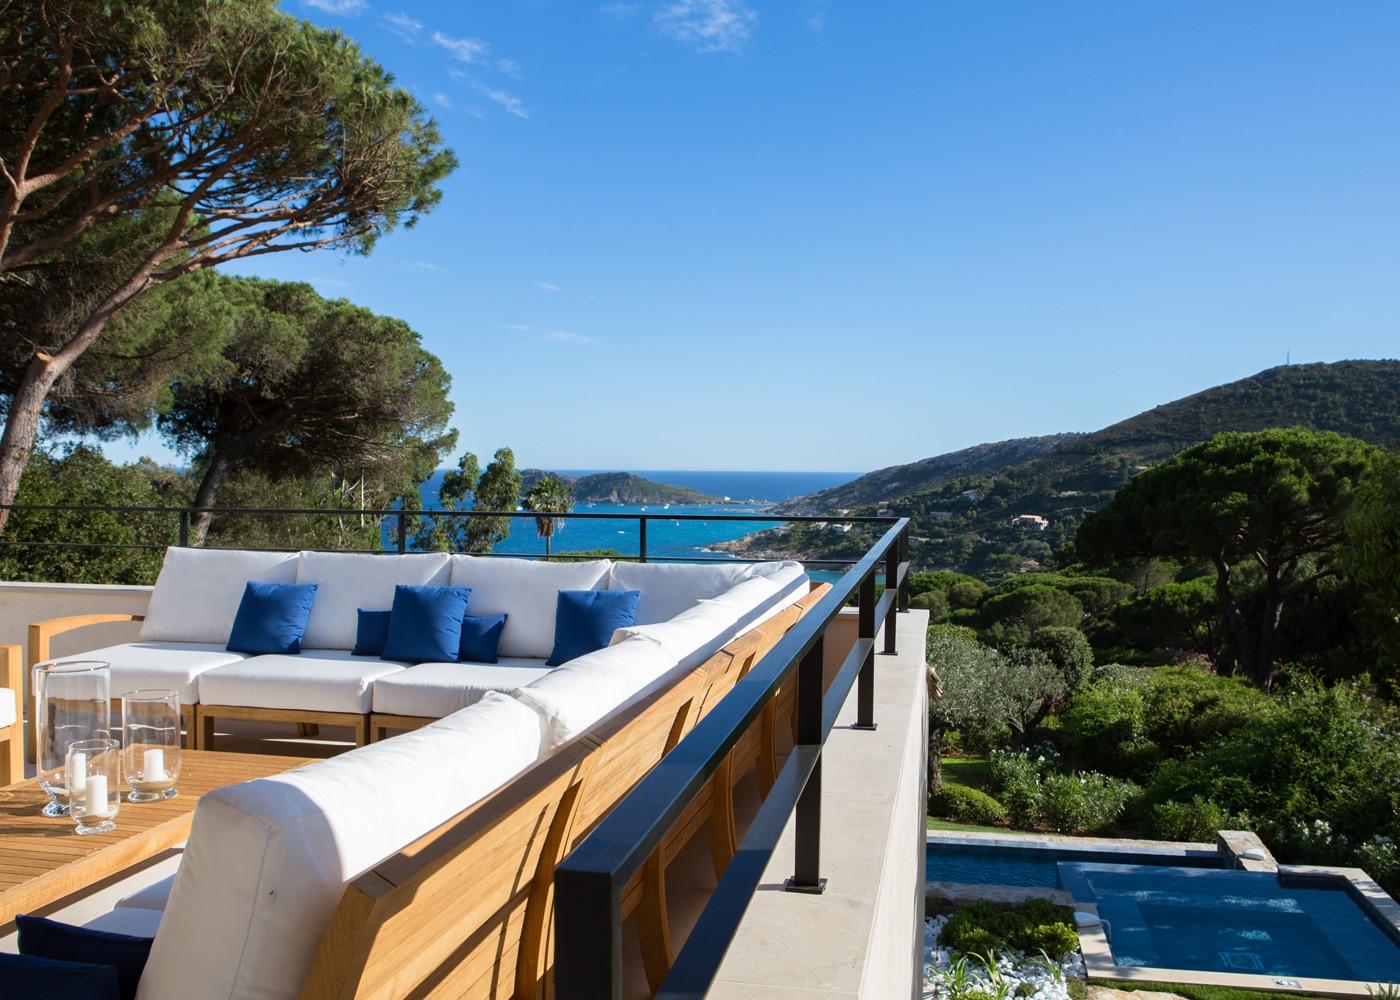 hotels-confinez-moi-ici-#4-mcmd-La-Reserve-Ramatuelle-Villa-2-terrace-view-@Gregoire-Gardette